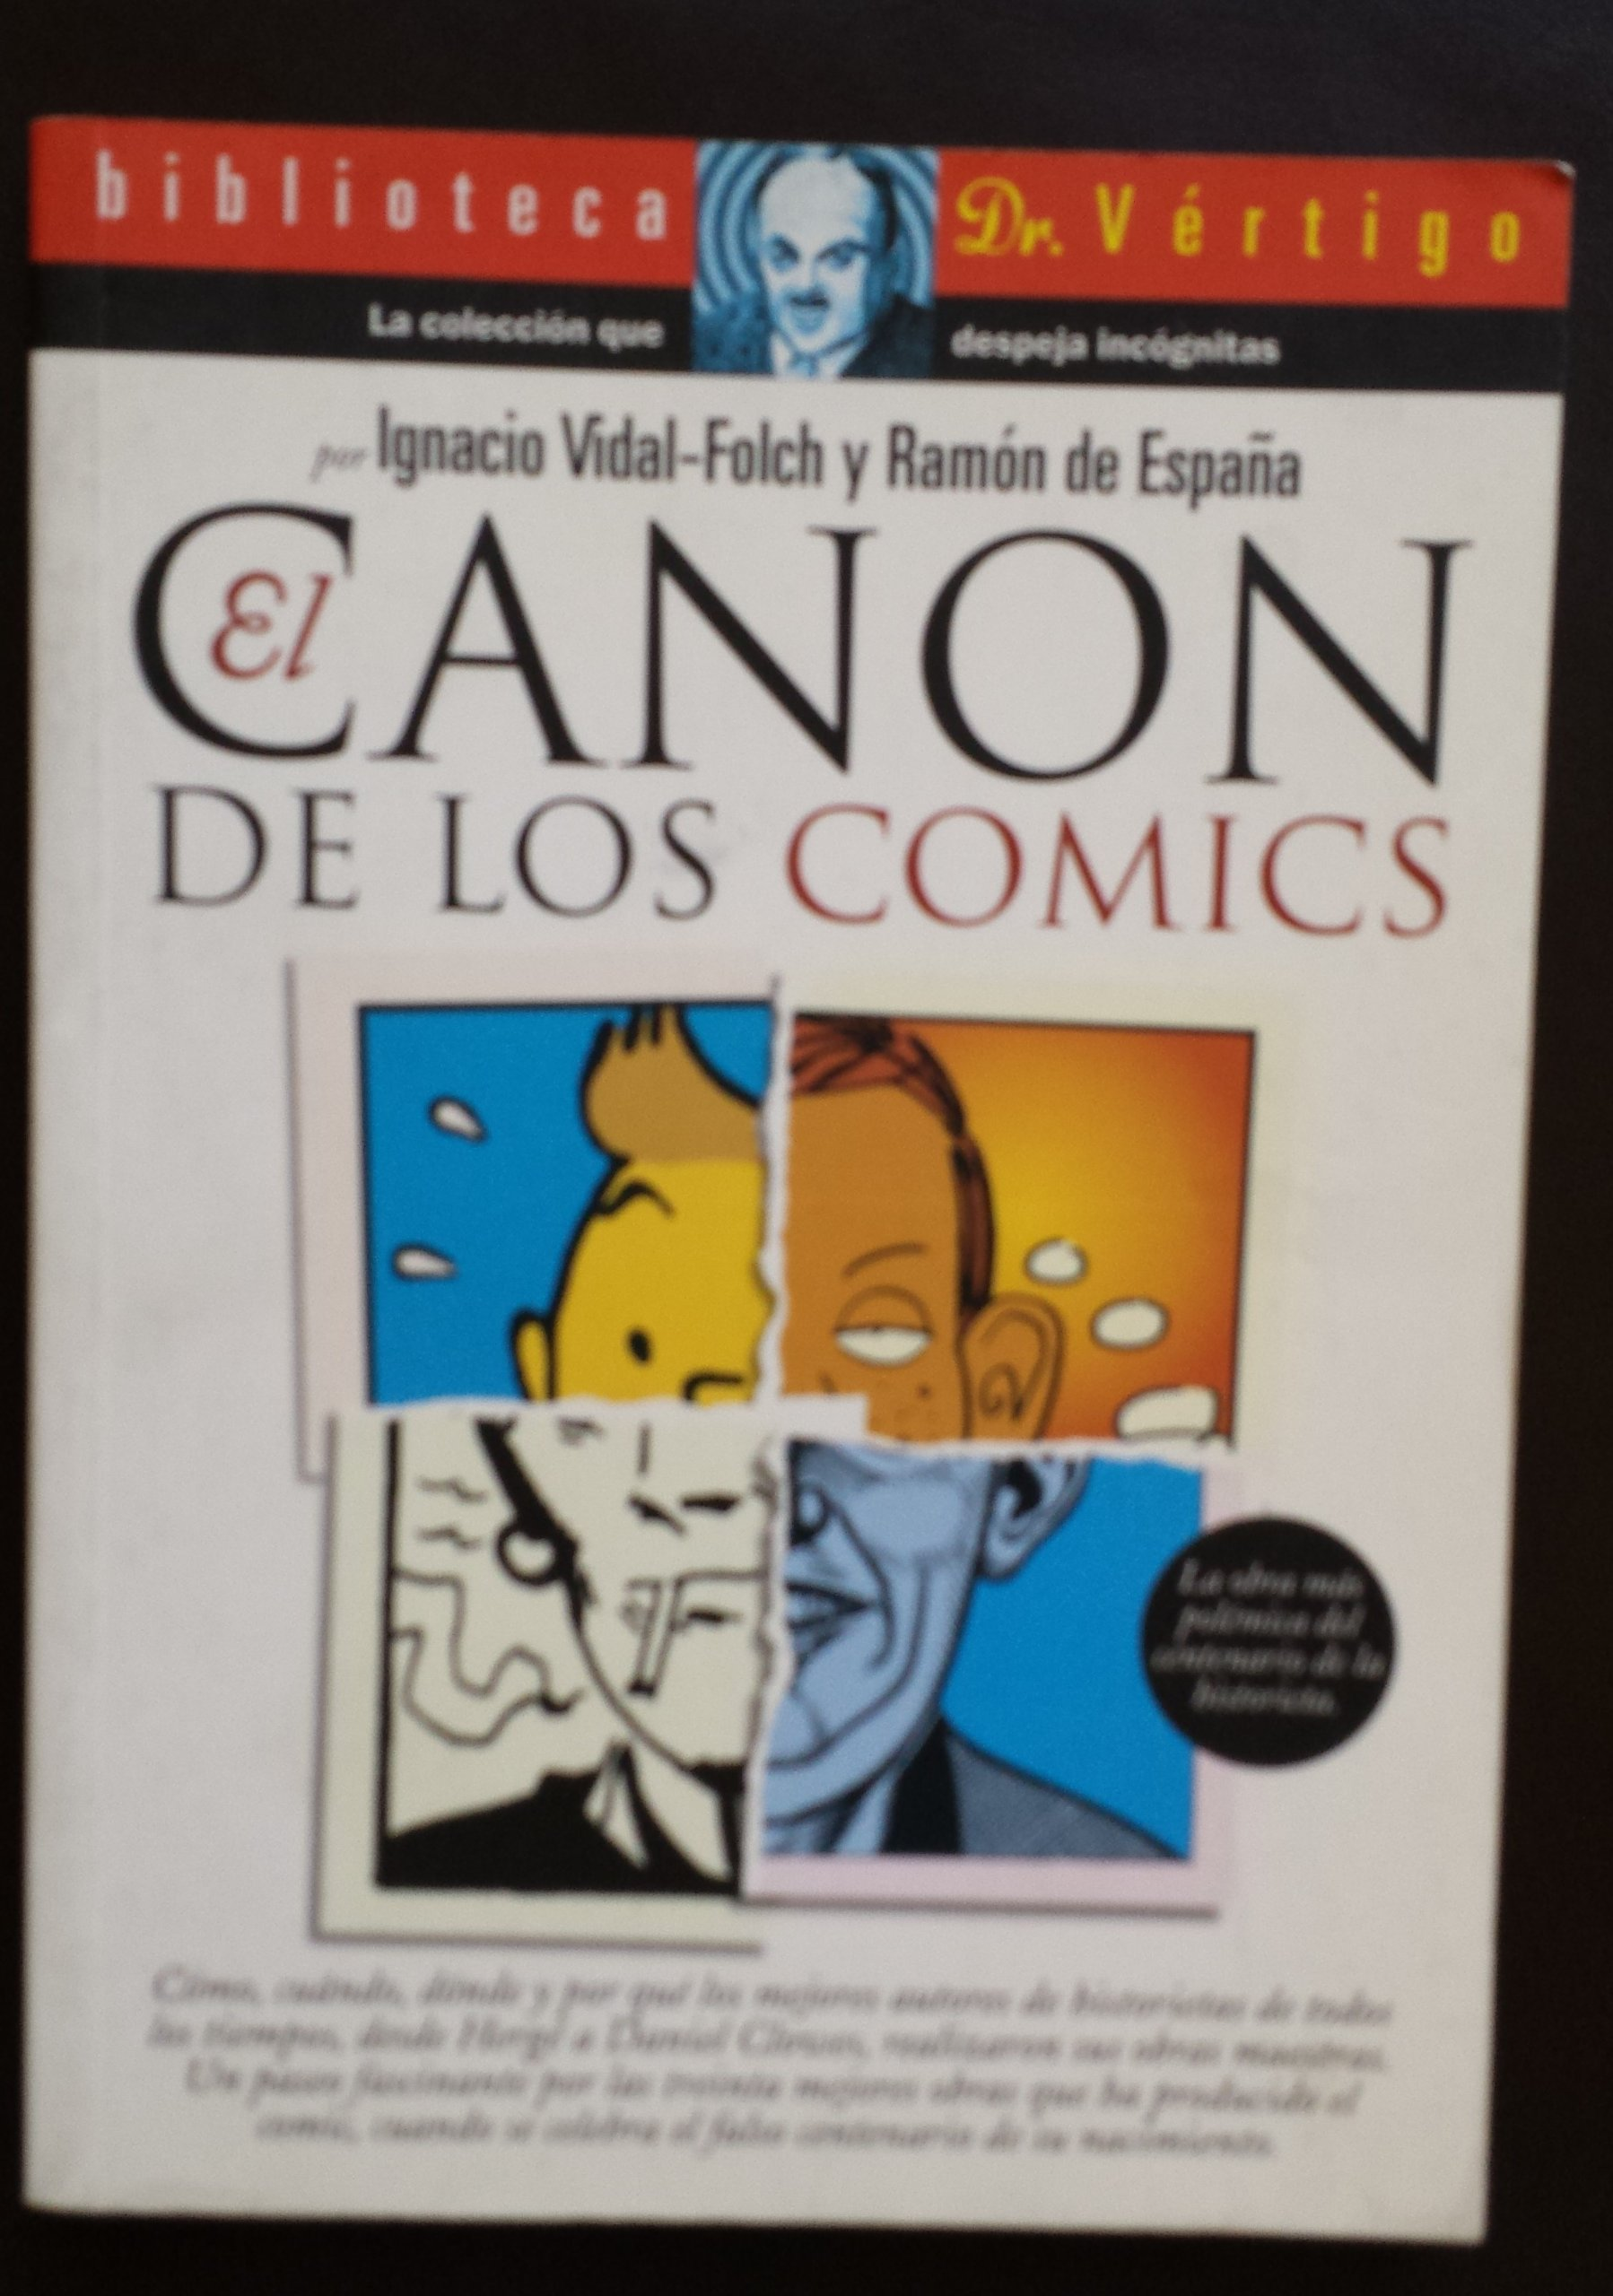 DR VERTIGO T. 7 EL CANON DE LOS COM: Amazon.es: Ramon De España, Vidal-Folch, I.: Libros